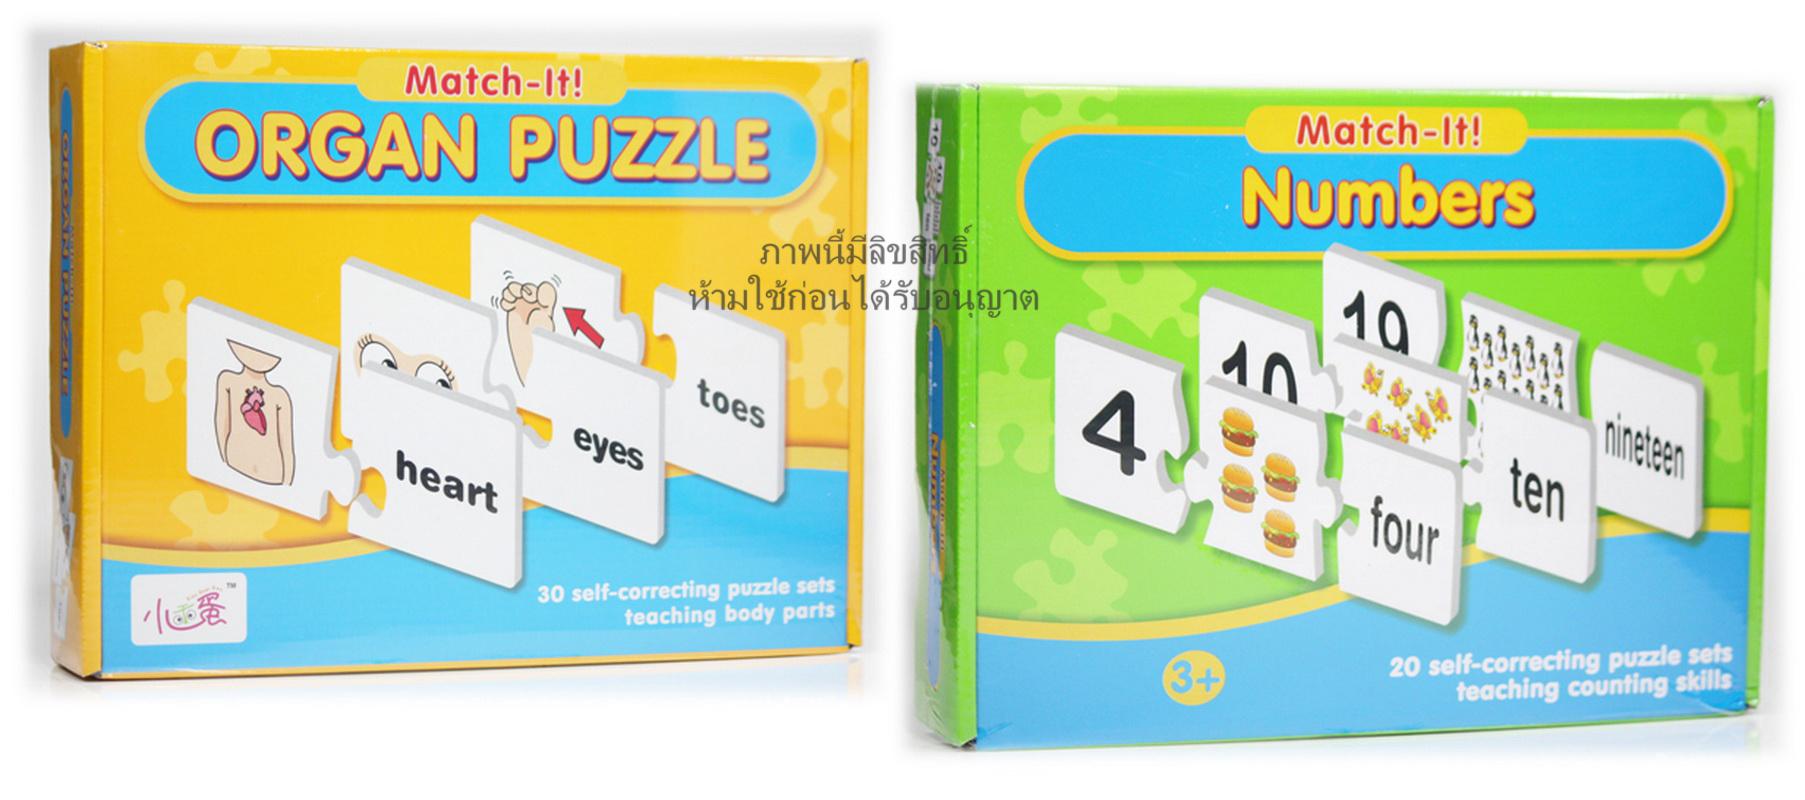 จิ๊กซอว์จับคู่ Match-it Puzzle